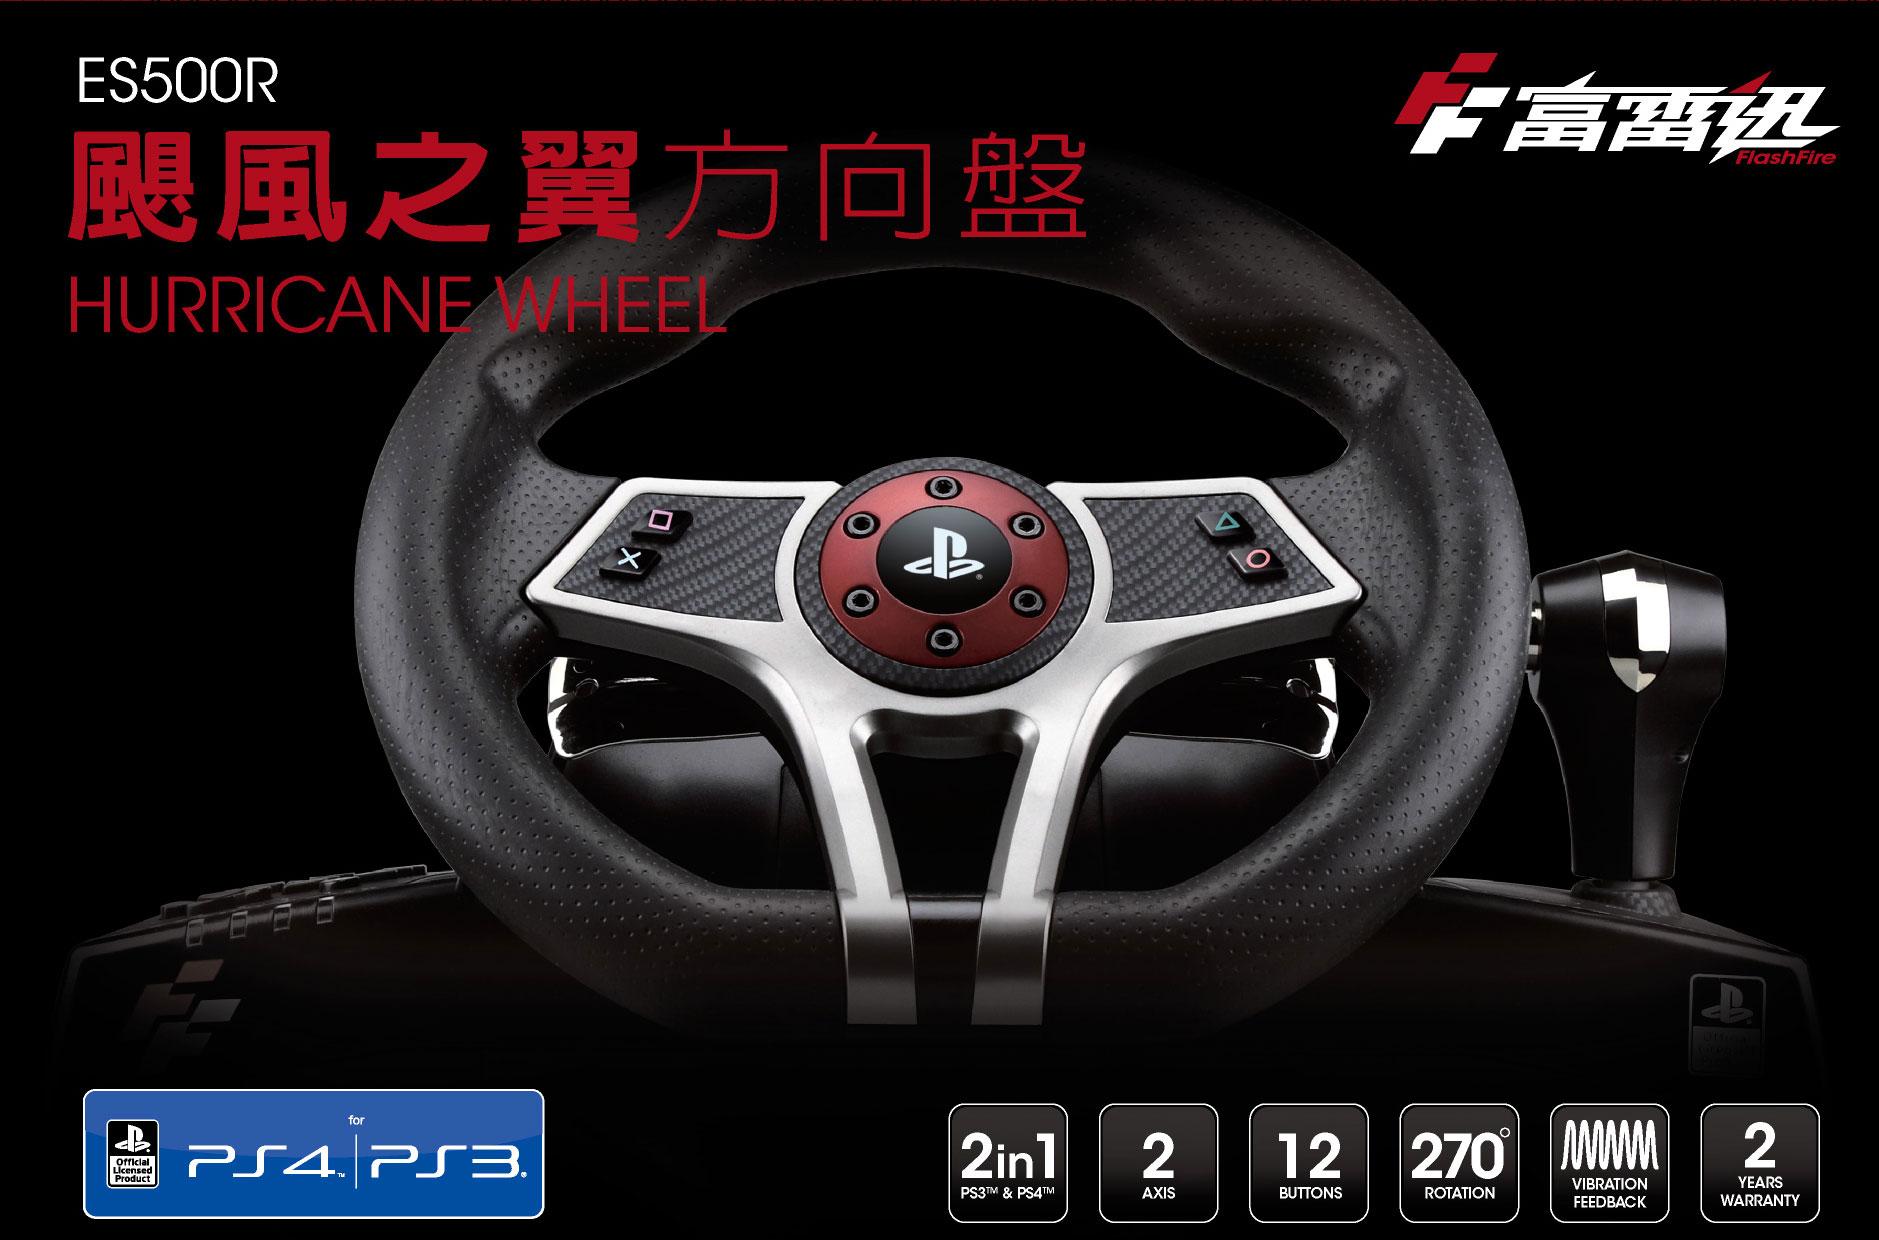 (現貨免運) FlashFire 富雷迅 颶風之翼 賽車方向盤 支援PS4&PS3所有賽車遊戲 ES500R